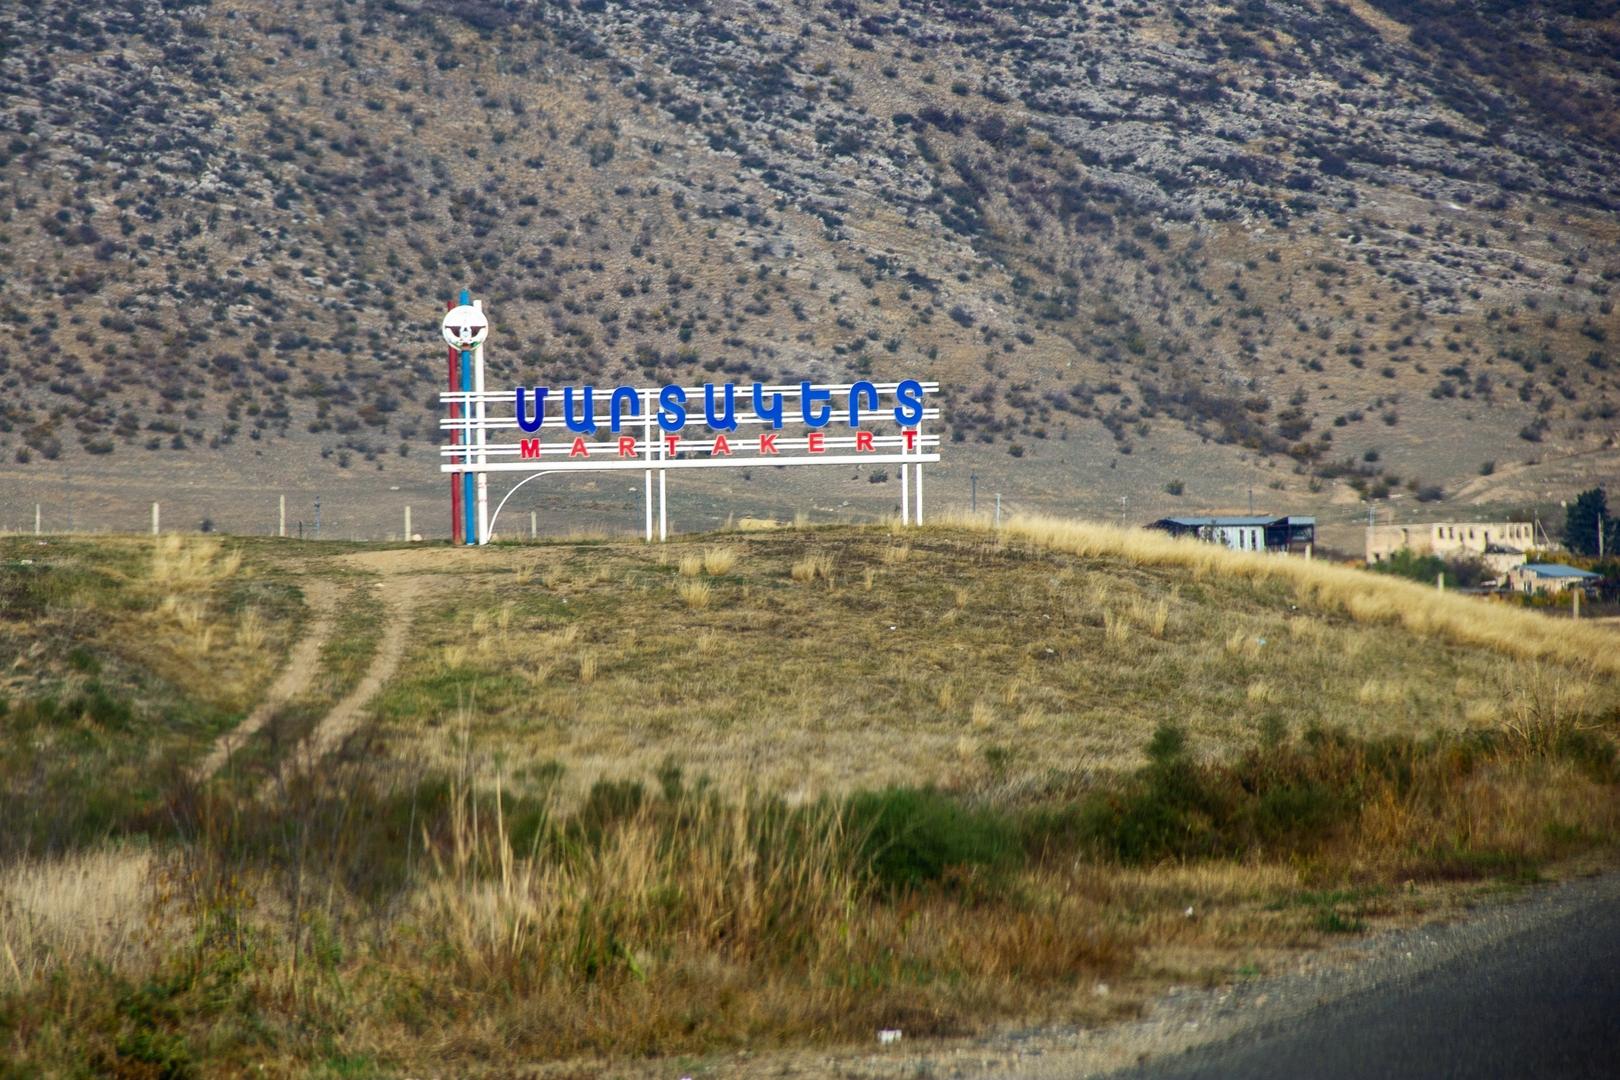 اعتقال جندي اذربيجاني دخل إلى أحد منازل منطقة مارتاكيرت في قره باغ